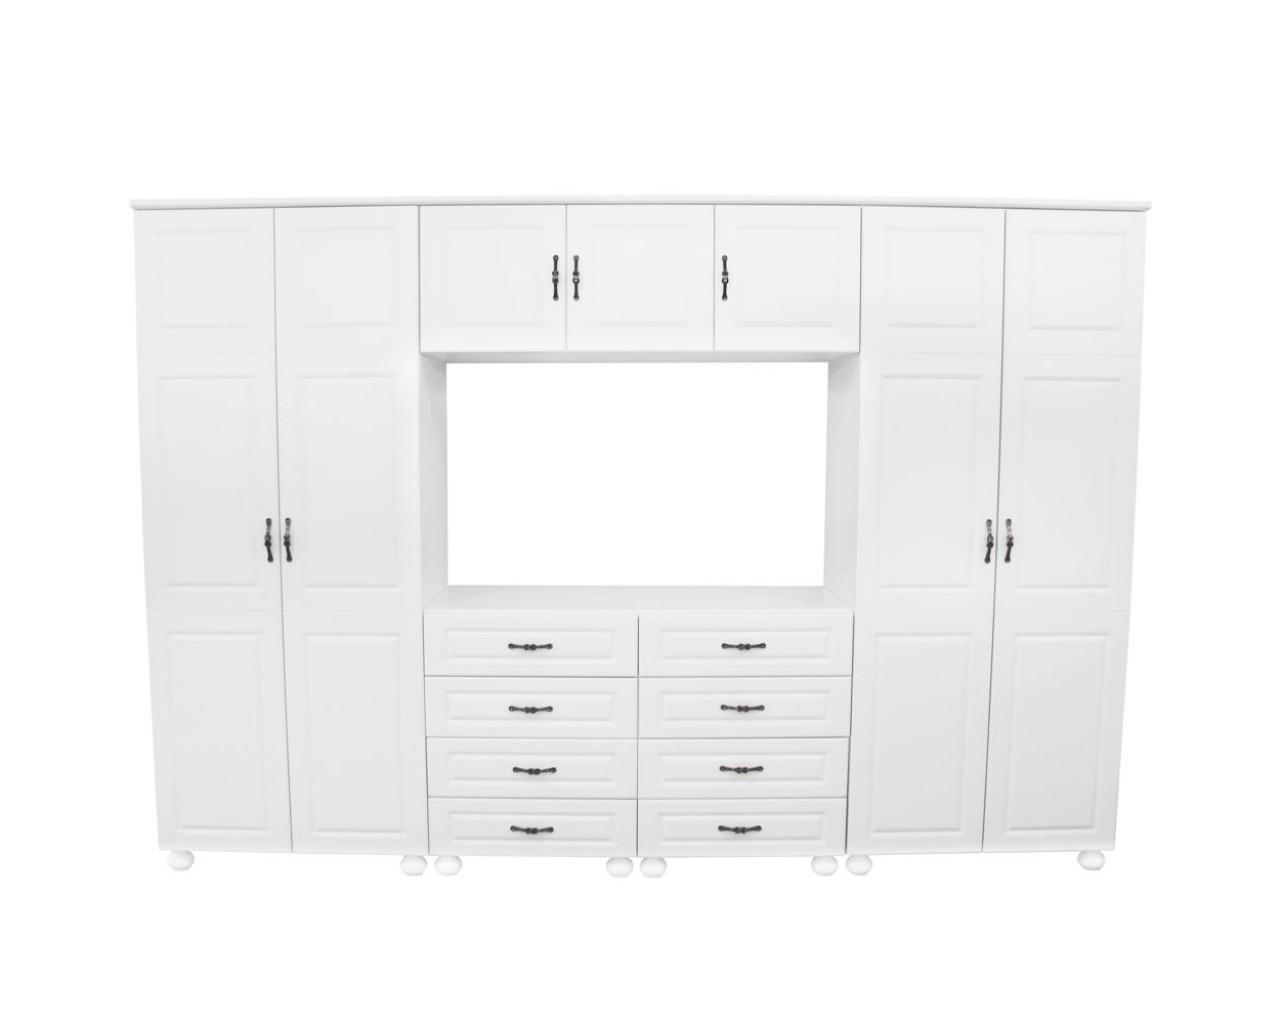 dulap-dynasty-dormitor-alb-7-usi-si-8-sertare-cu-spatiu-pentru-televizor-1280×1024